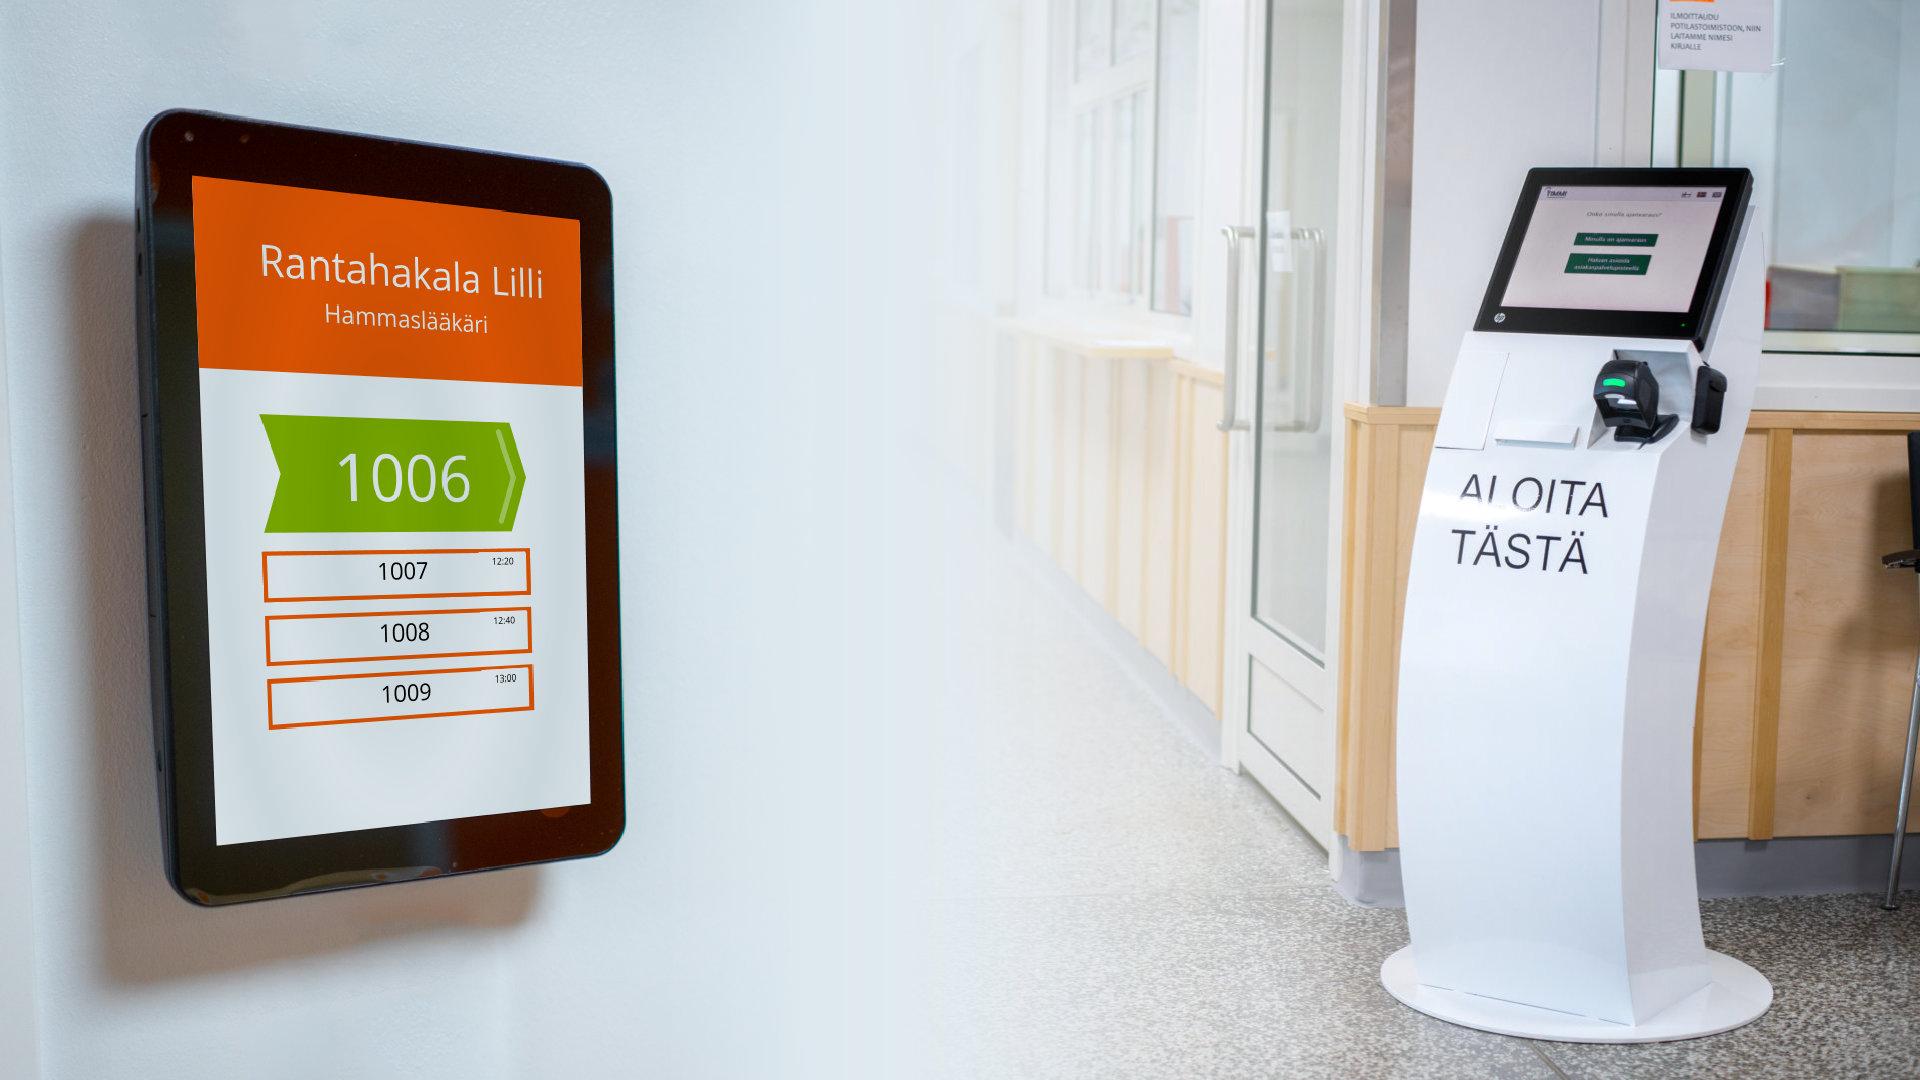 Kuvassa TIMMI Ovenpielinäyttö kutsuu potilaan vuoronumerolla sisään. Oikealla TIMMI Itsepalveluautomaatti.